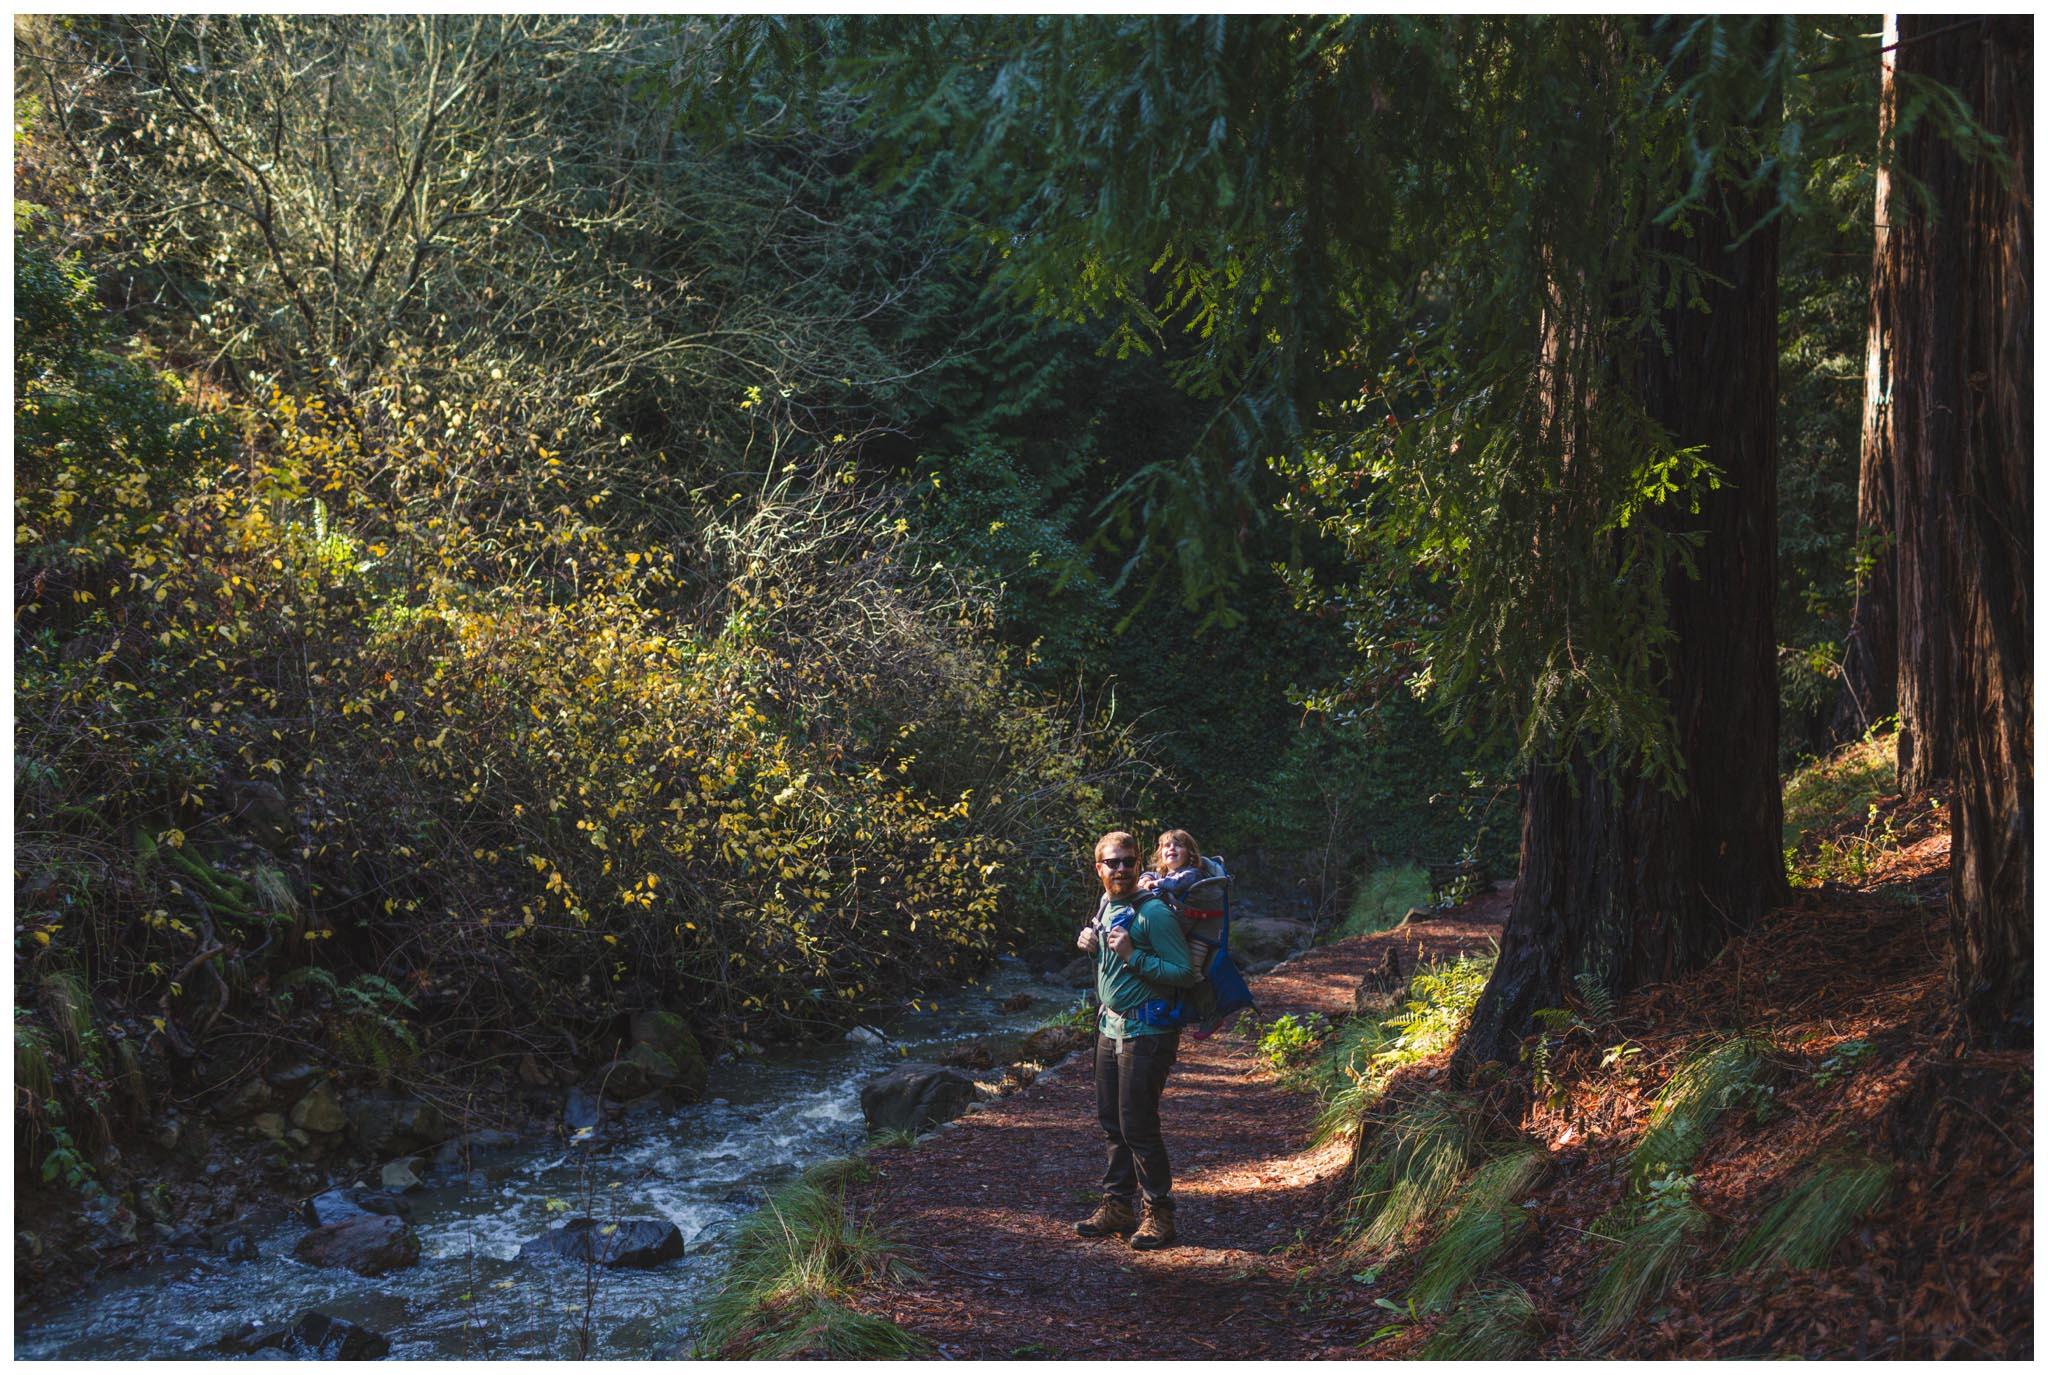 Tilden Regional Park, Regional Parks Botanic Garden